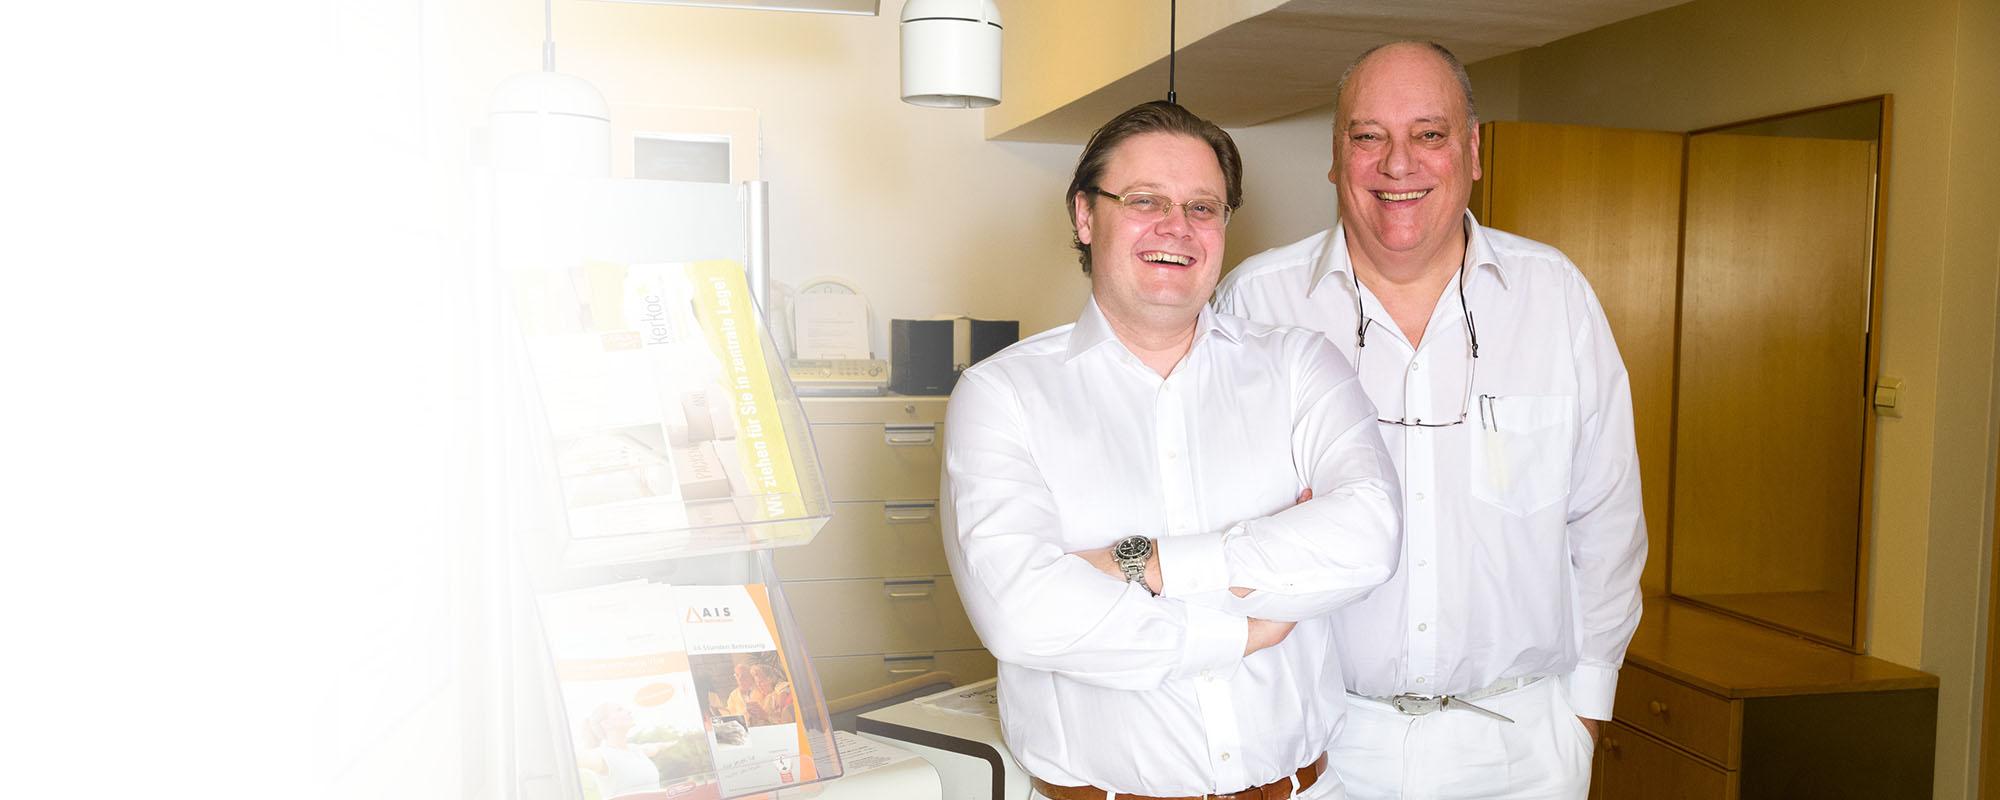 ab sofort in der Kassenordination<br><span>Dr. Eichenauer & <br>Dr. Kutscha-Lissberg</span><br>erreichbar<br>www.orthobaden.at